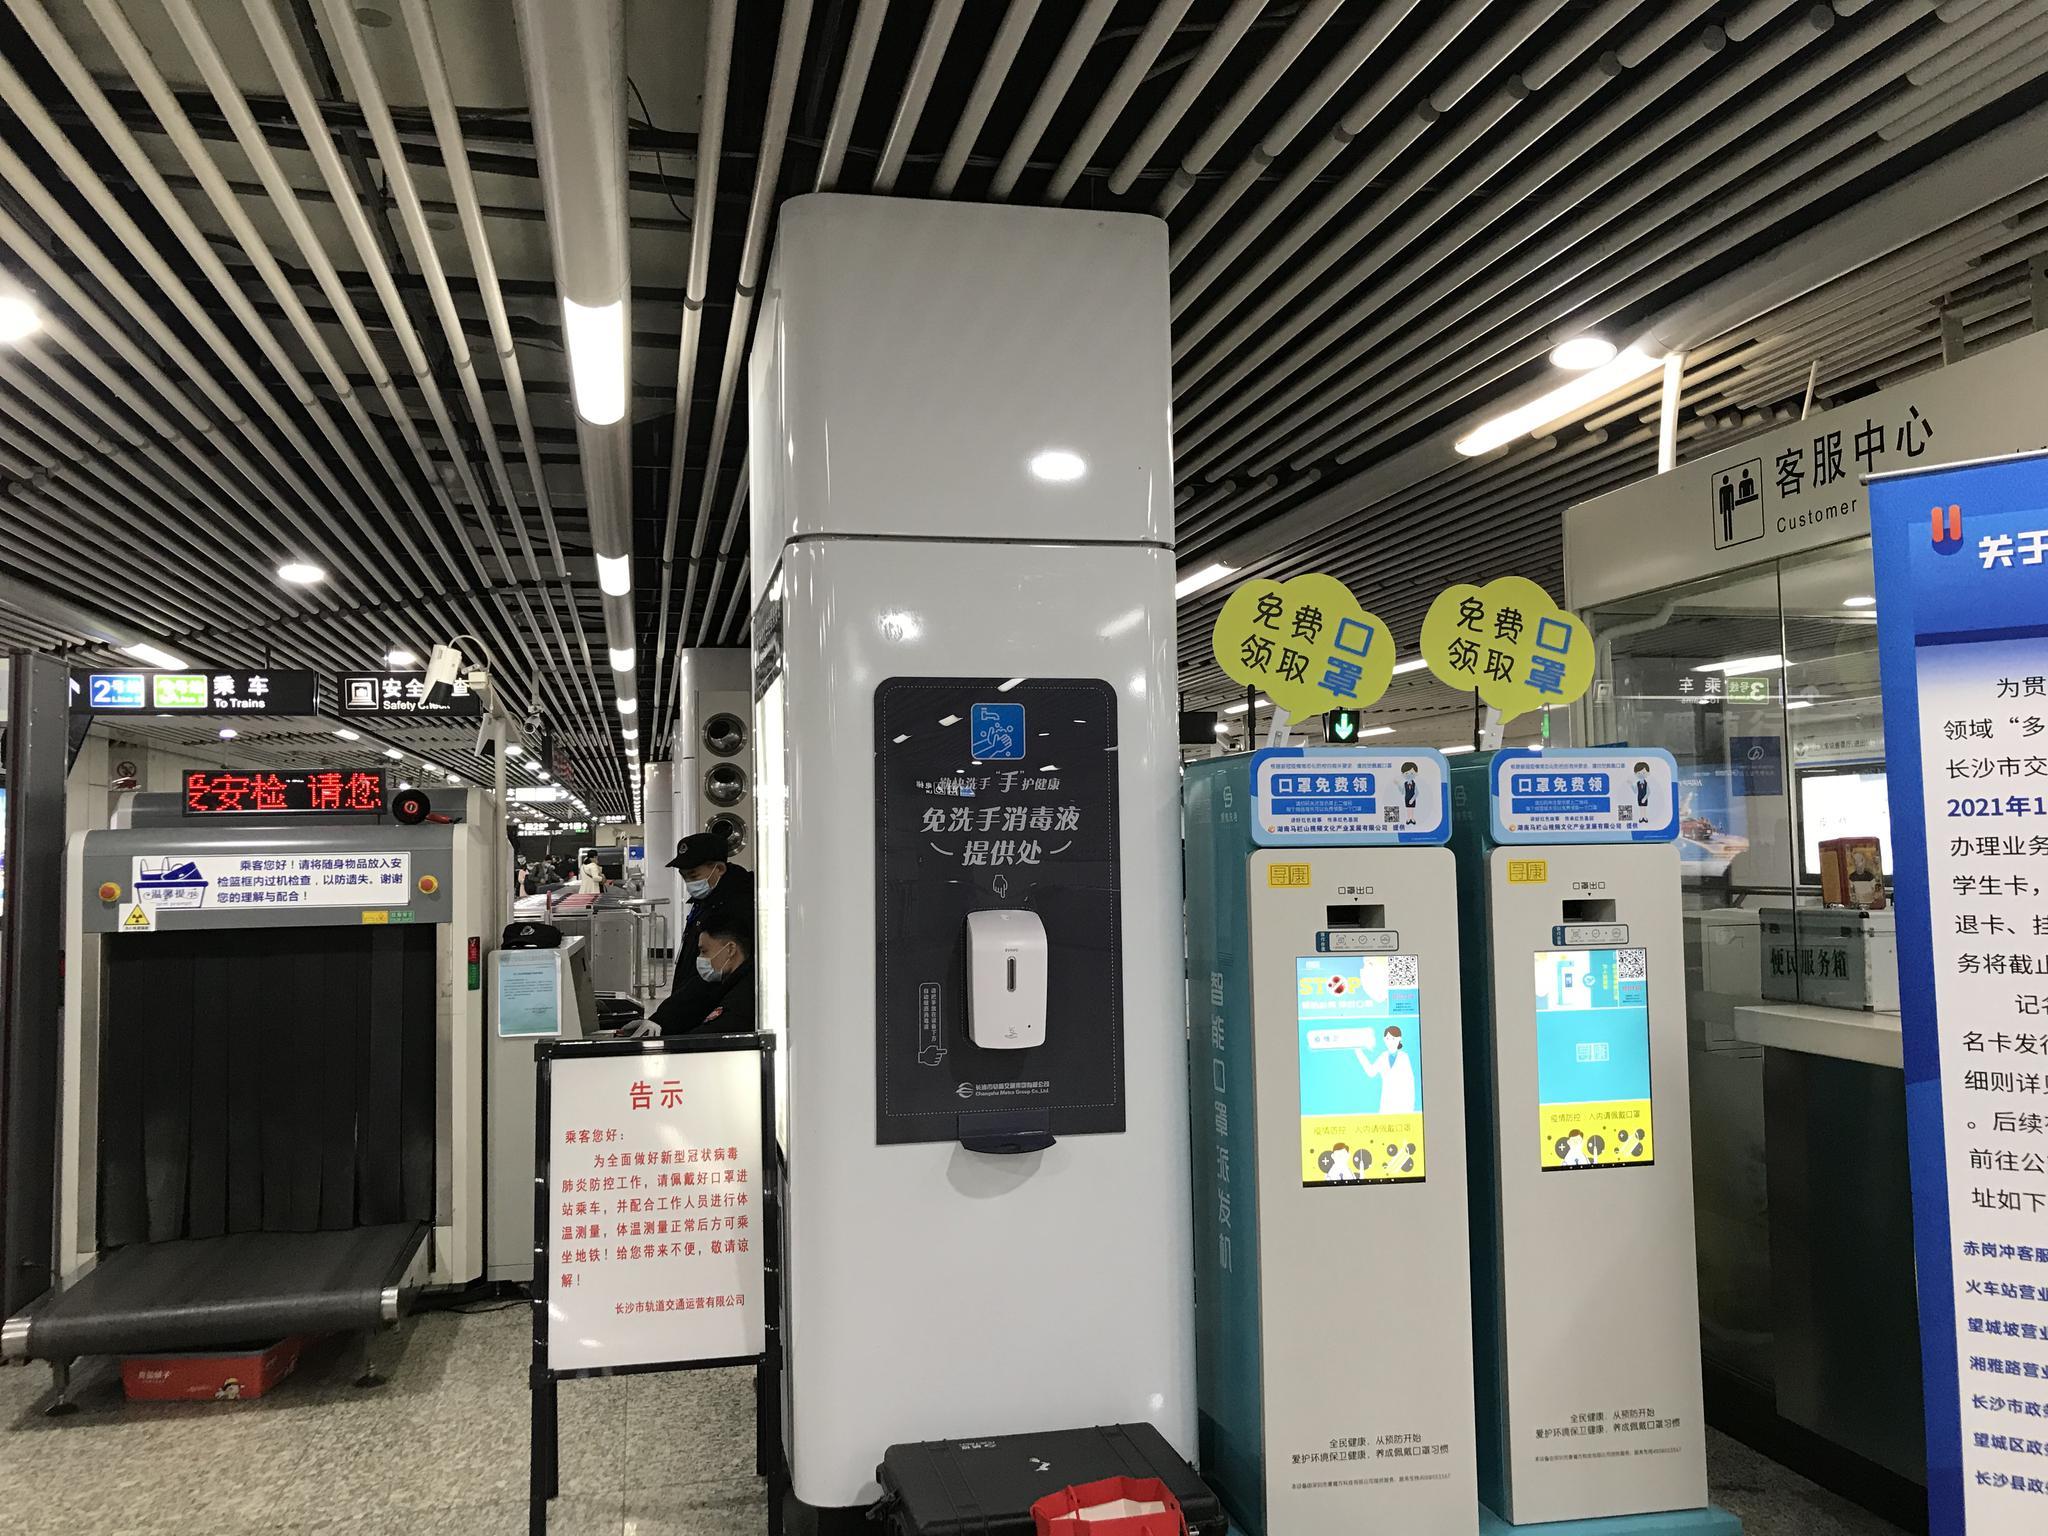 长沙地铁全面上线智能口罩机